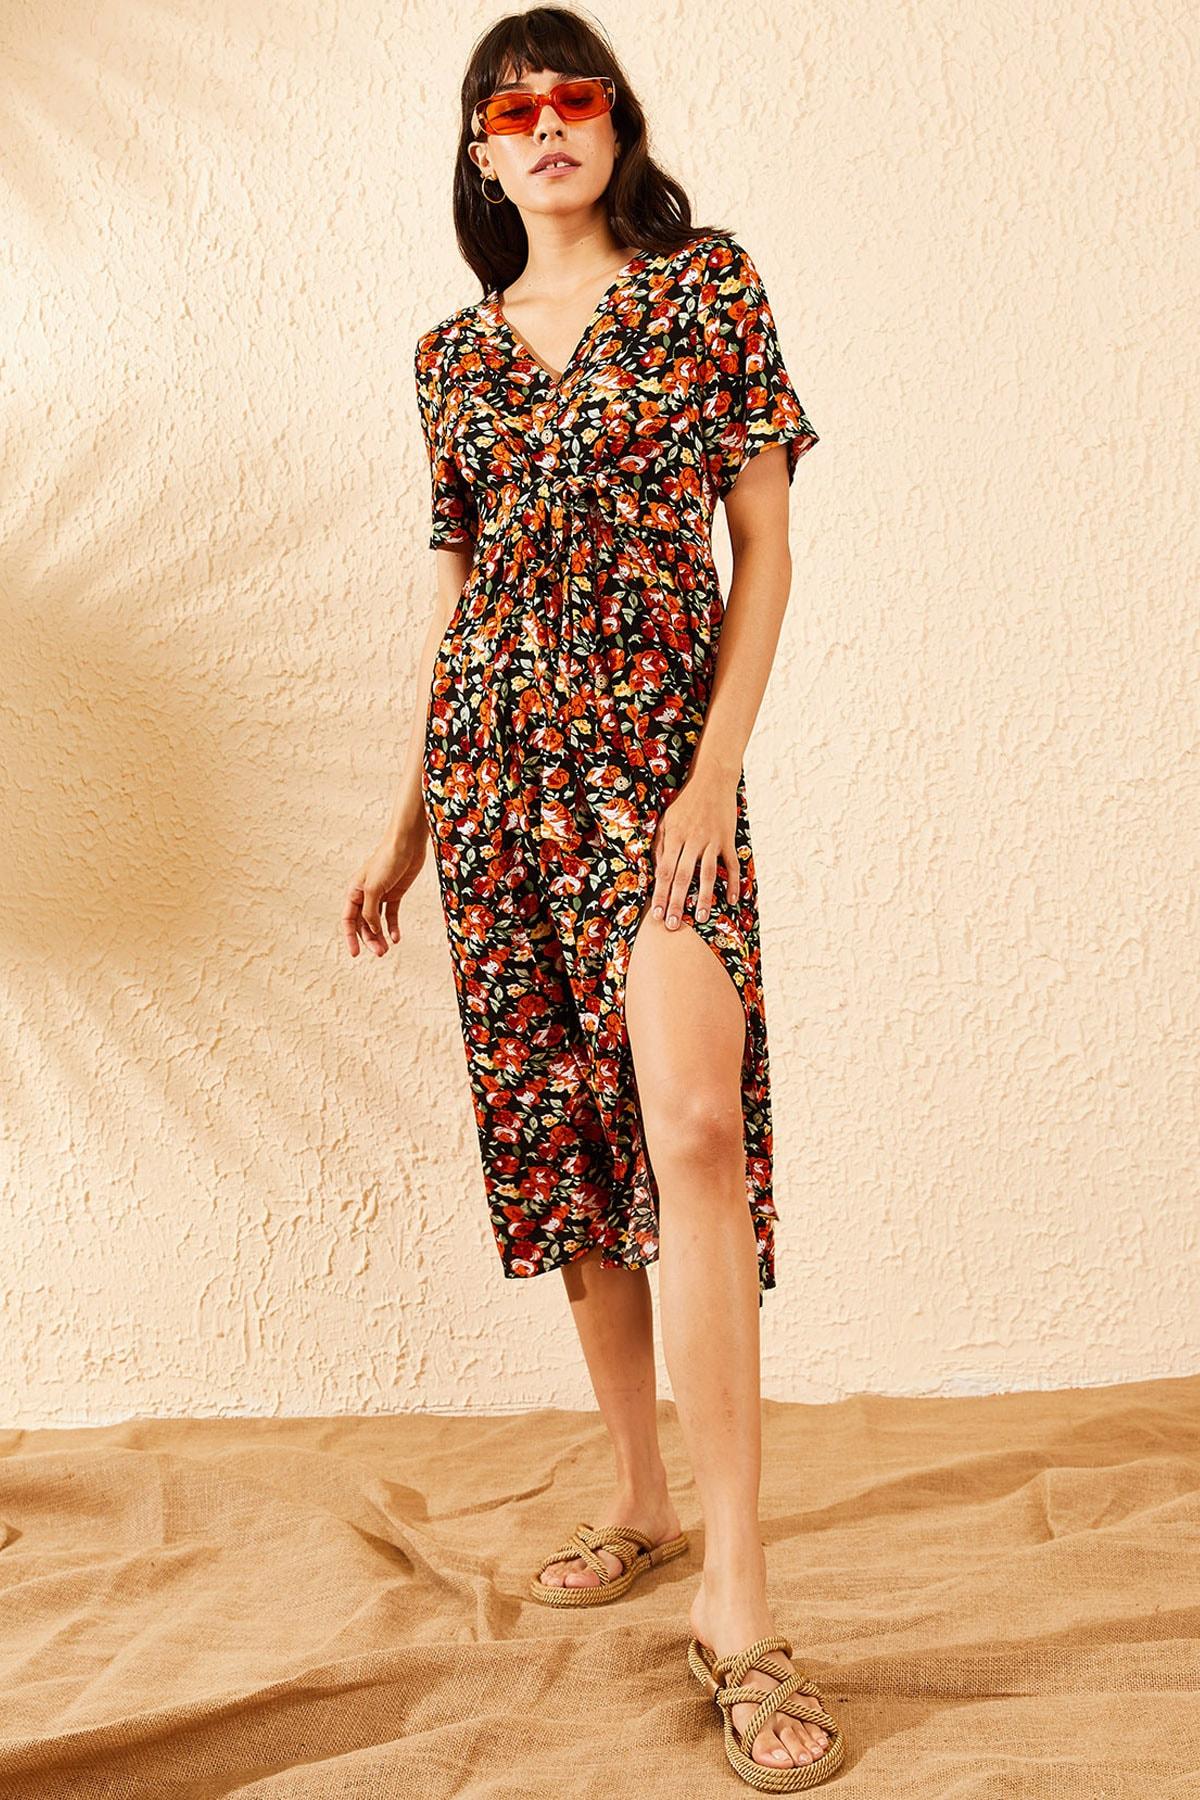 Bianco Lucci Kadın Turuncu Çiçek Desenli Beli Kuşaklı Düğmeli Rahat Elbise 10091009 4